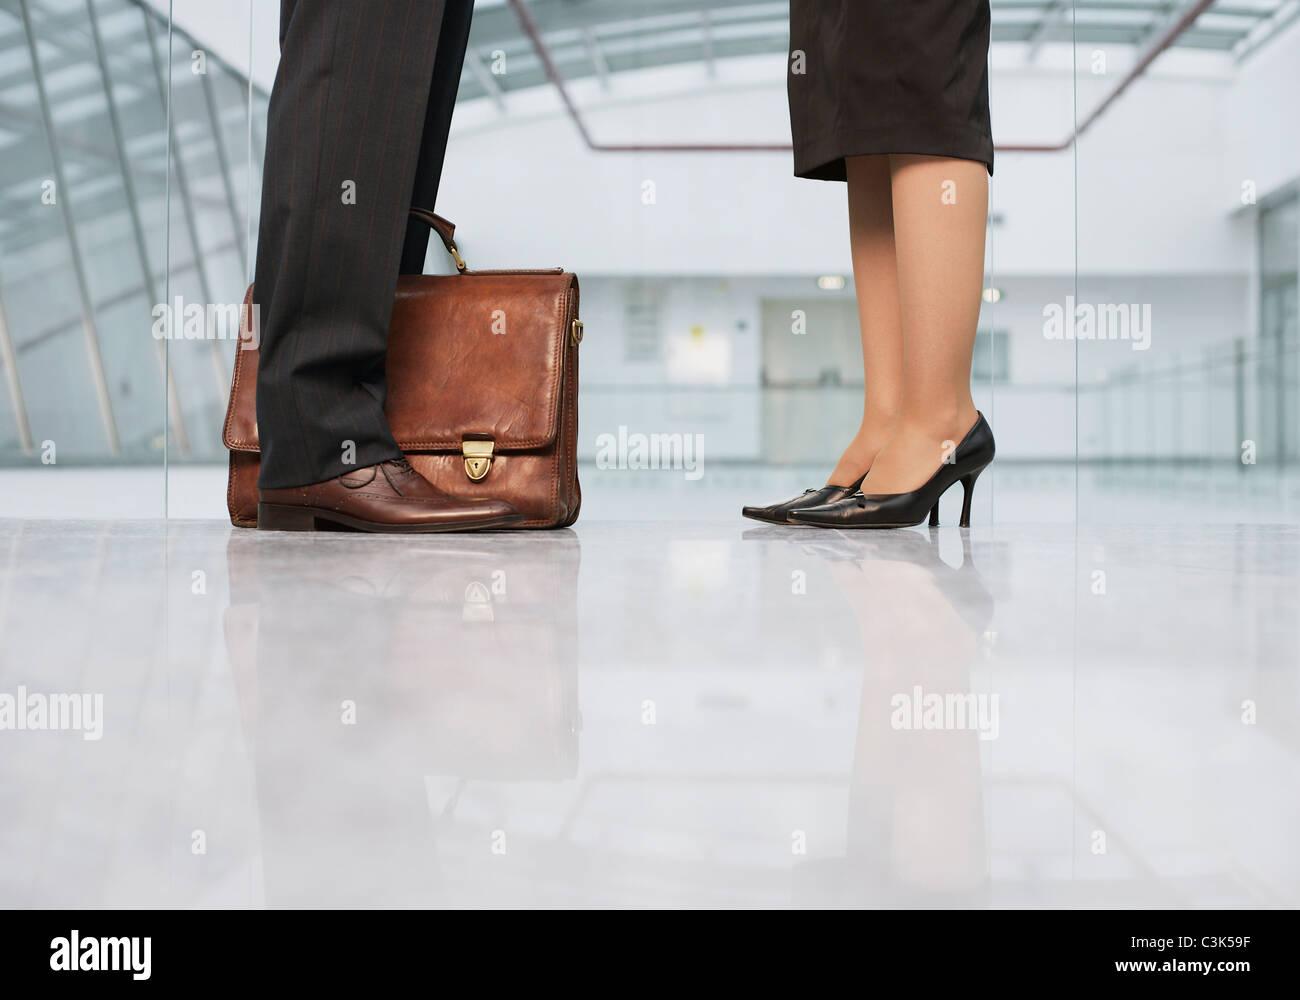 La gente di affari in piedi sul pavimento lucido Immagini Stock